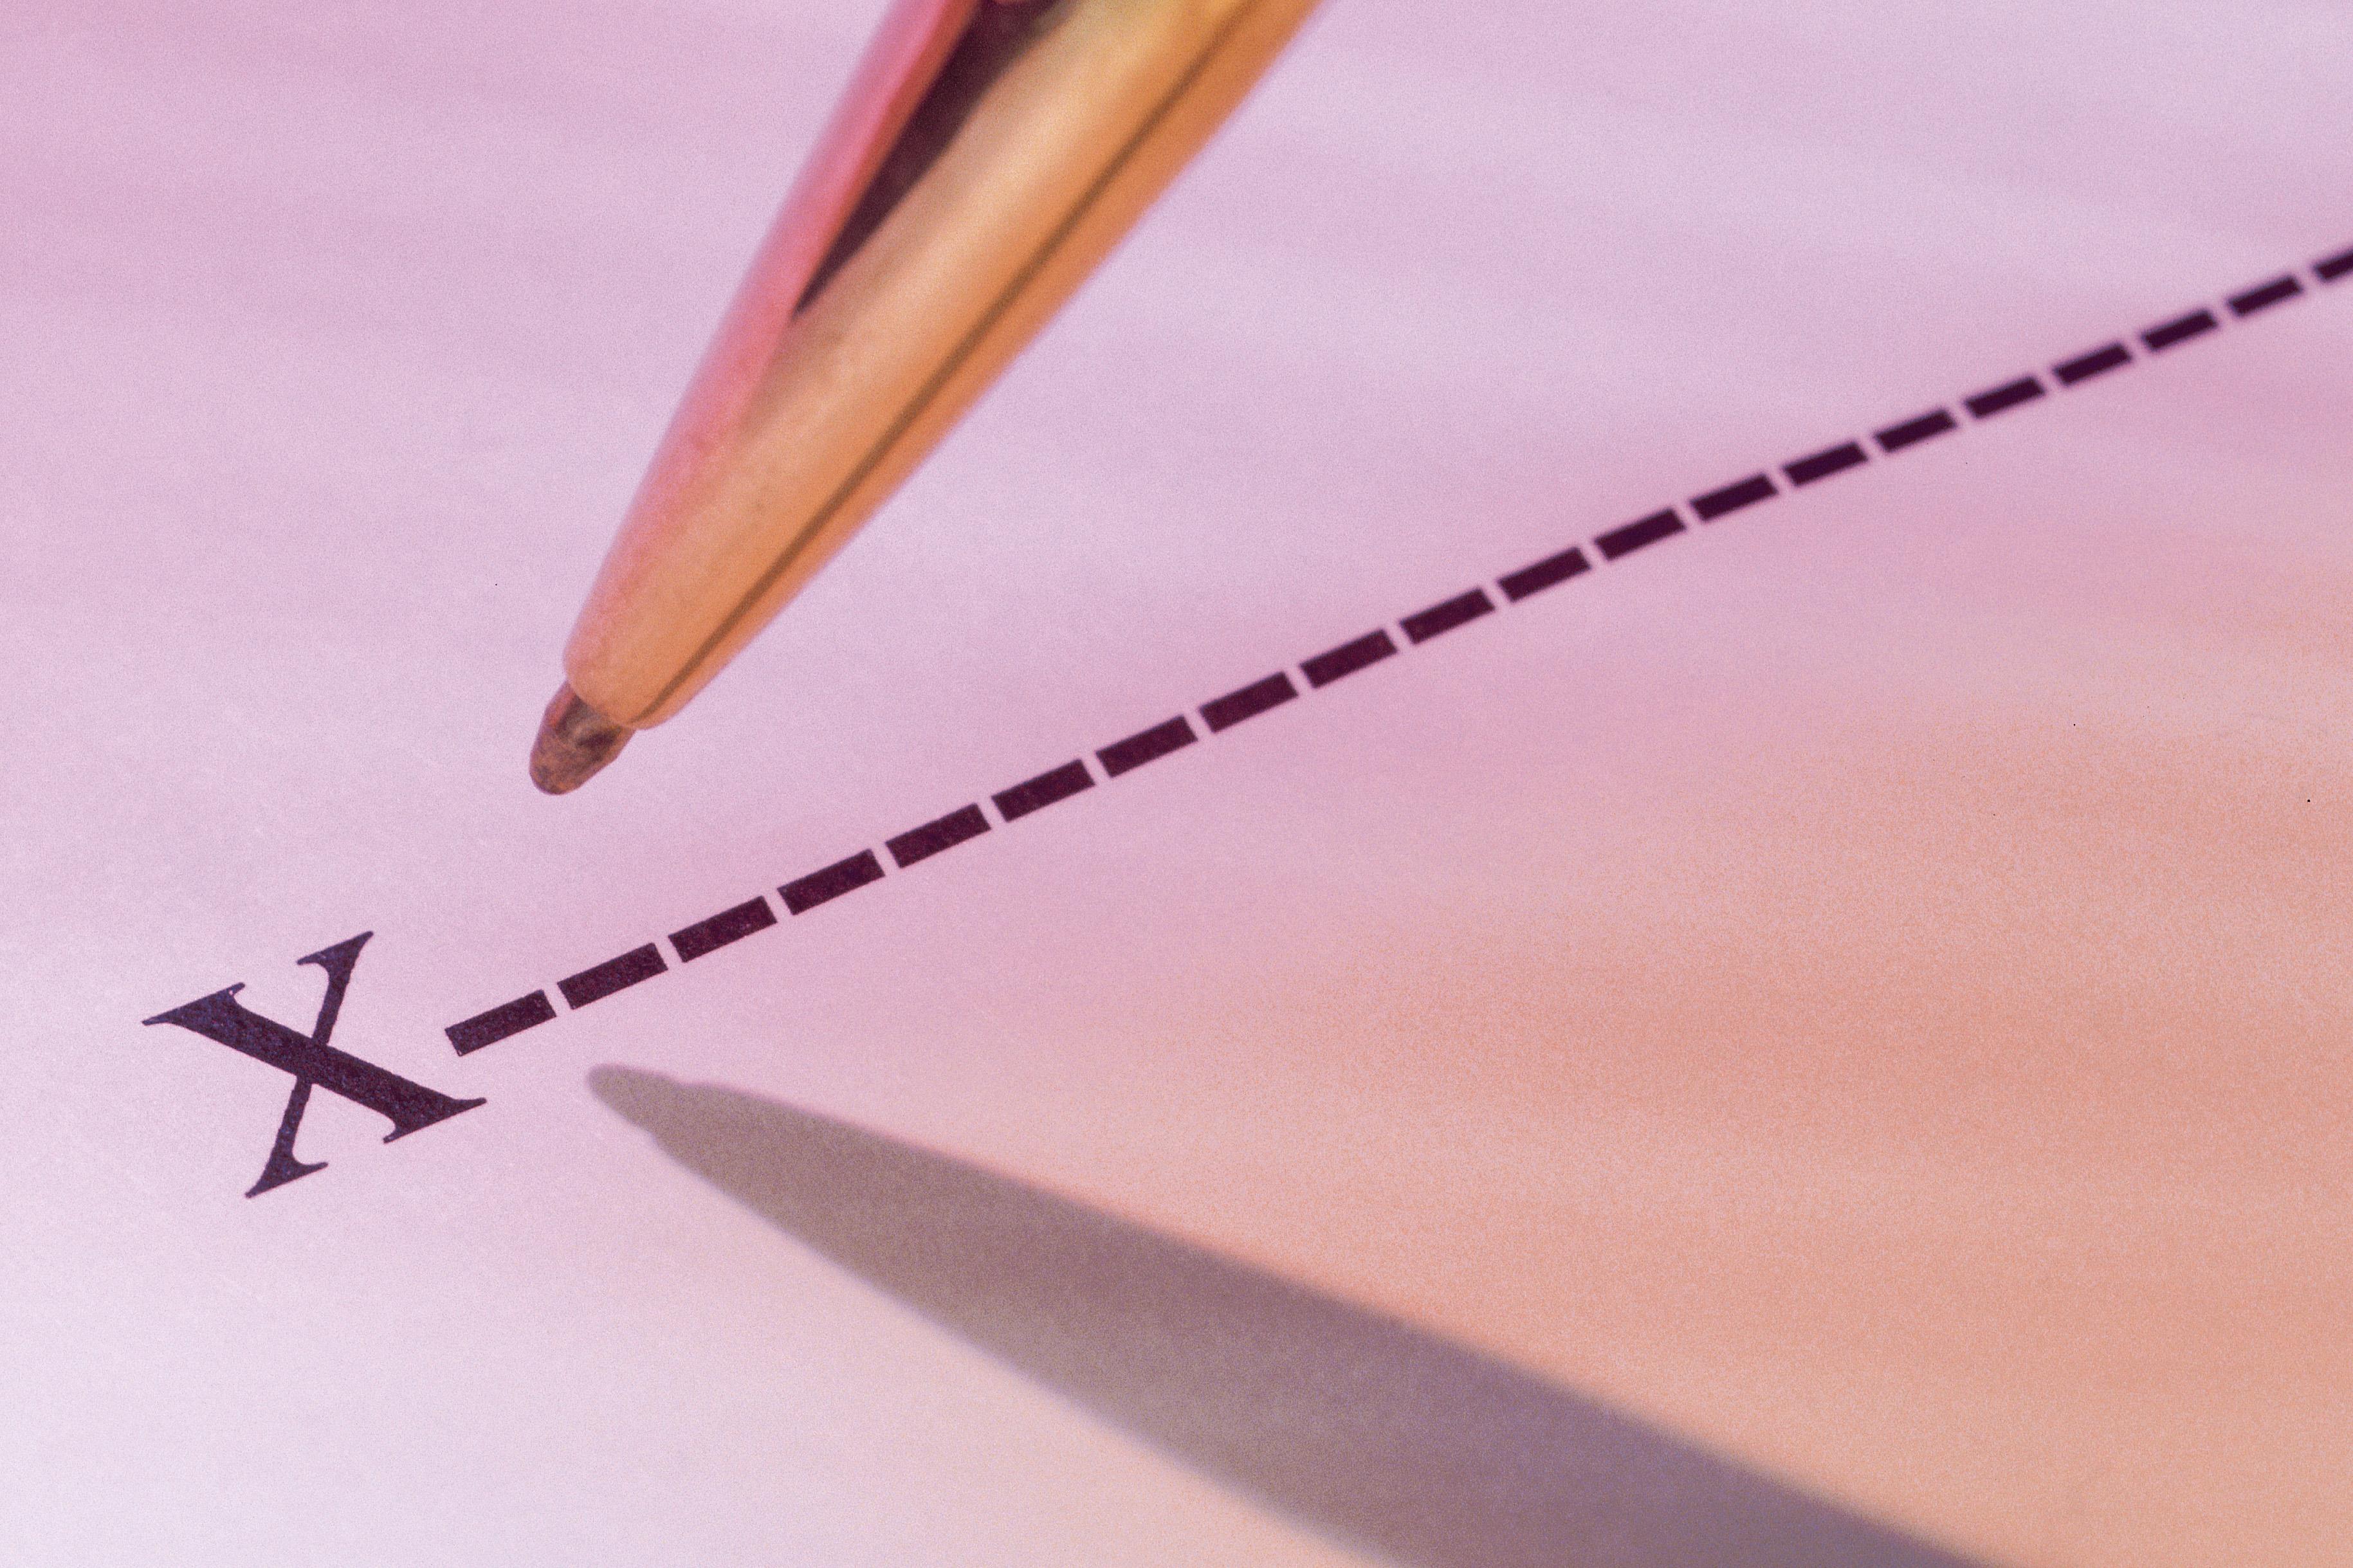 Cómo dibujar líneas divisoras en Excel | Techlandia